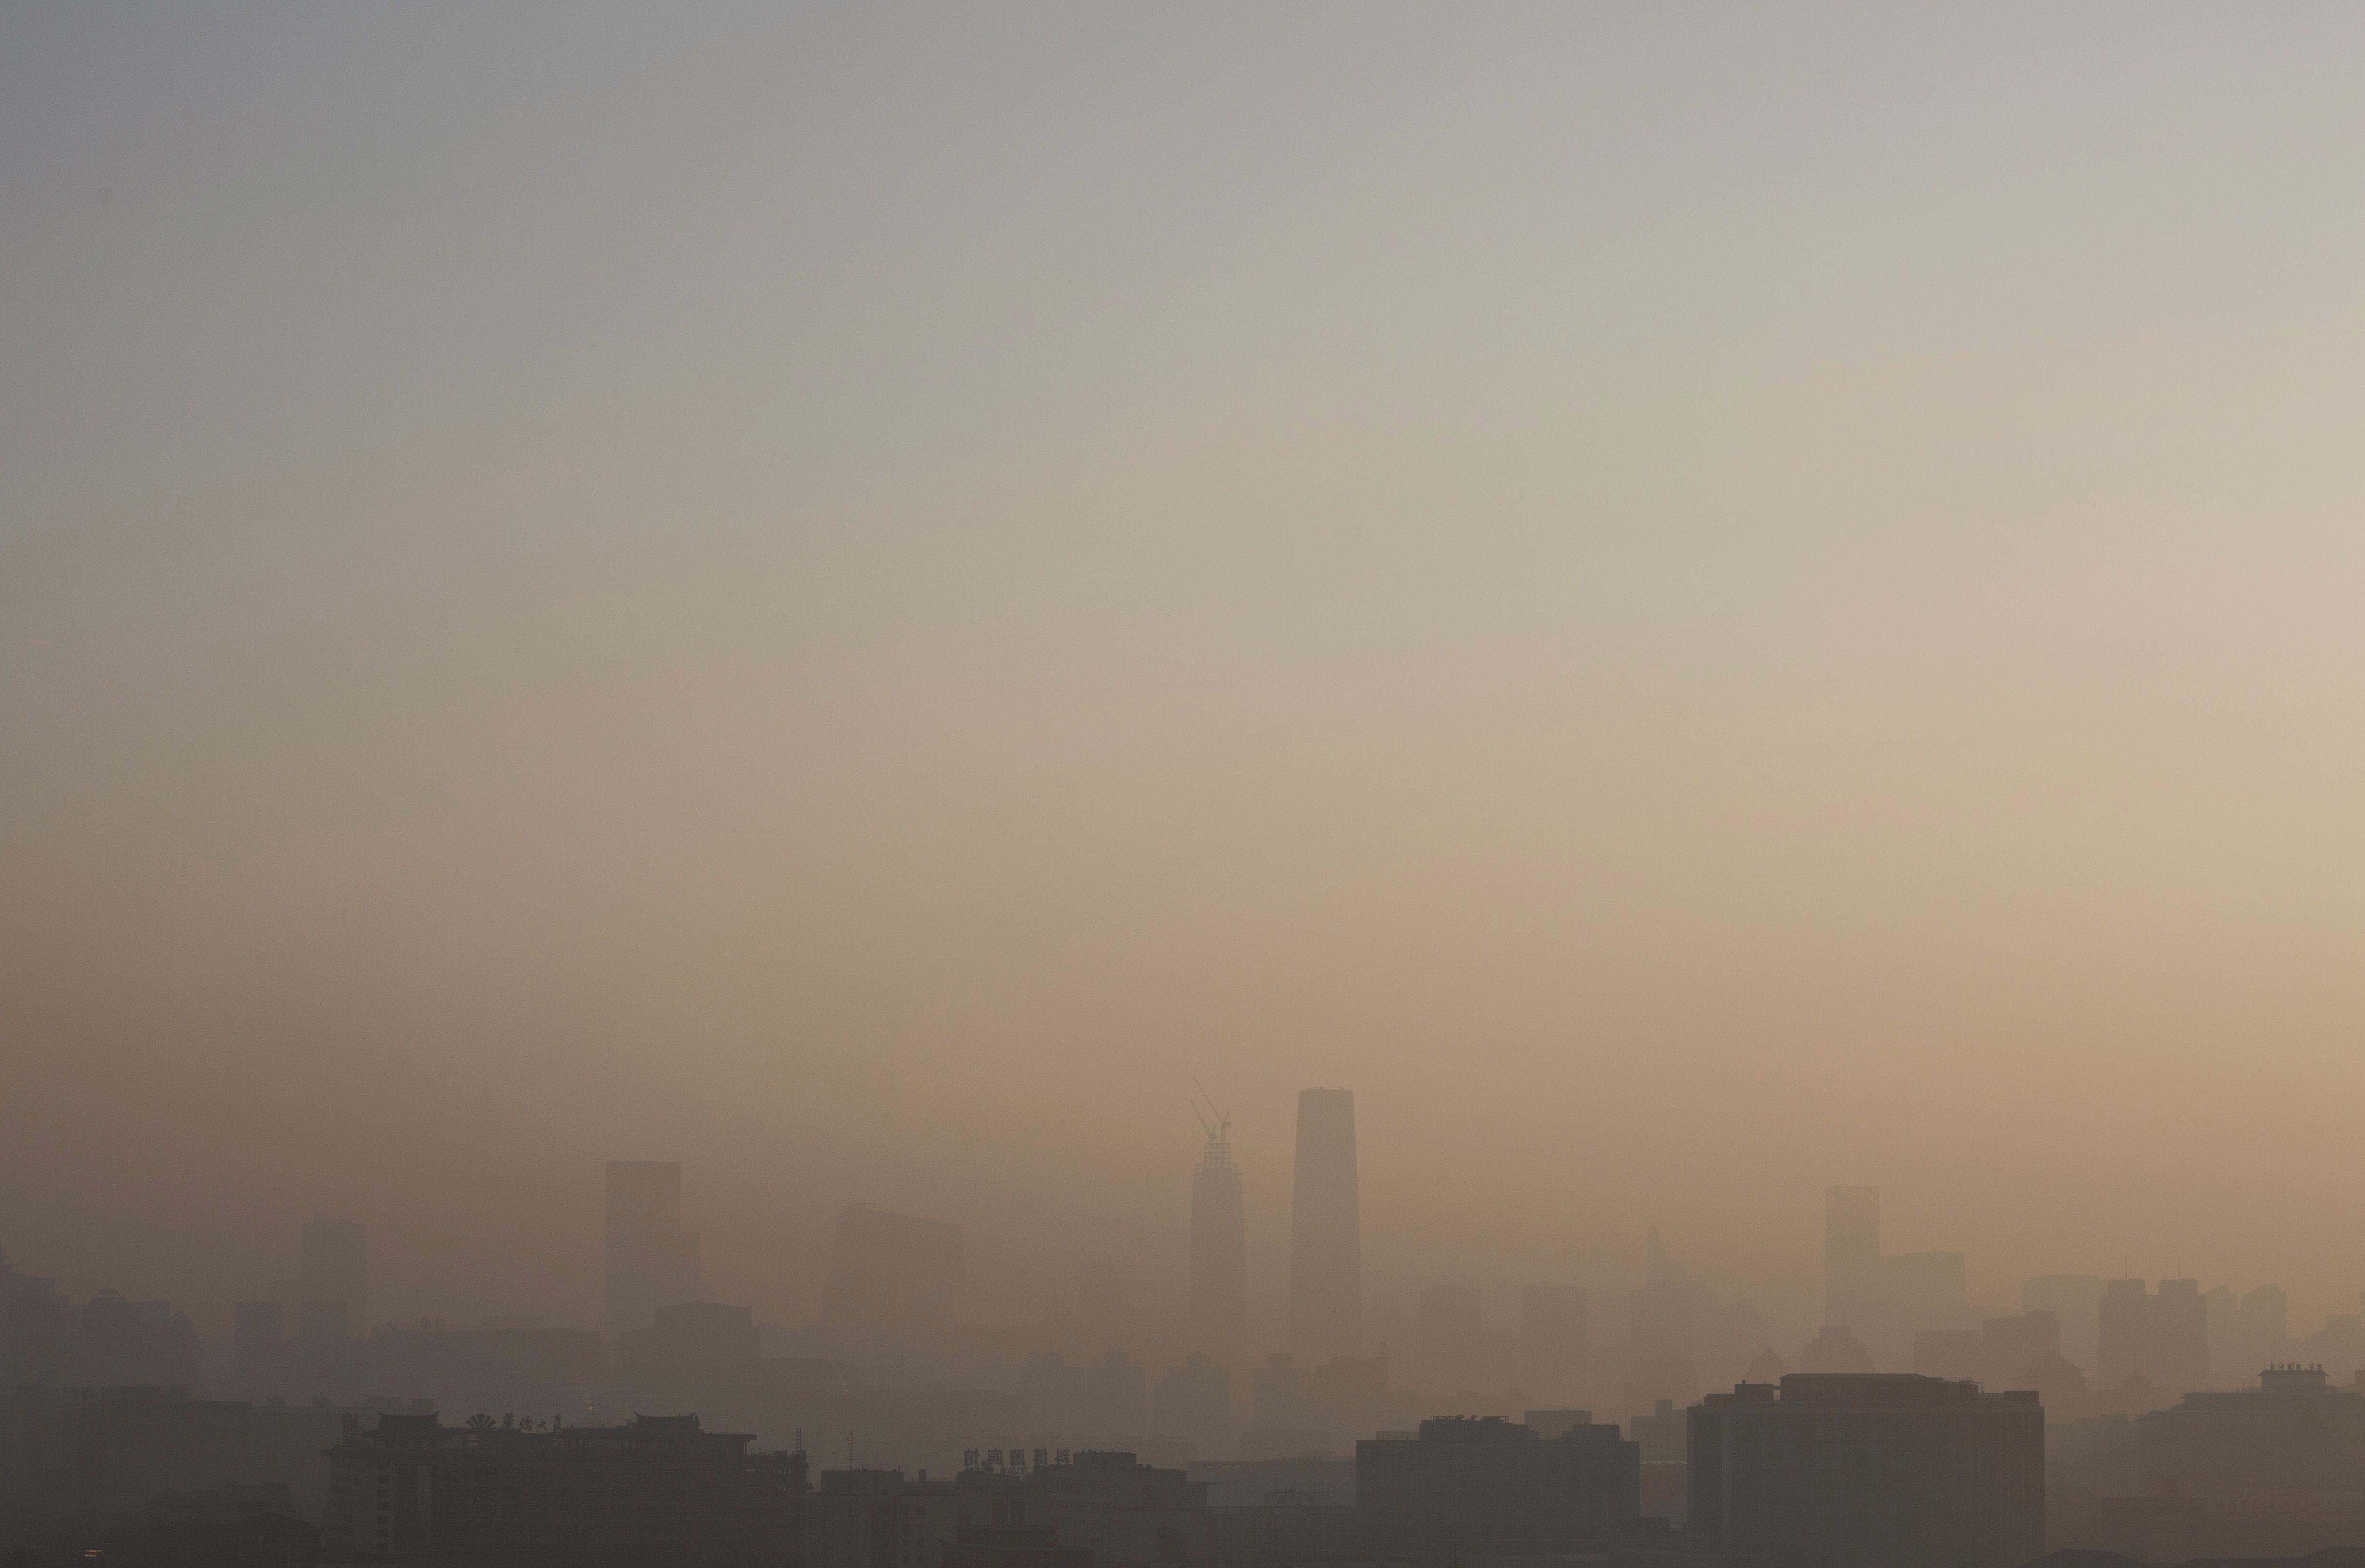 contaminacion-co2-china-beijing-calentamiento-global